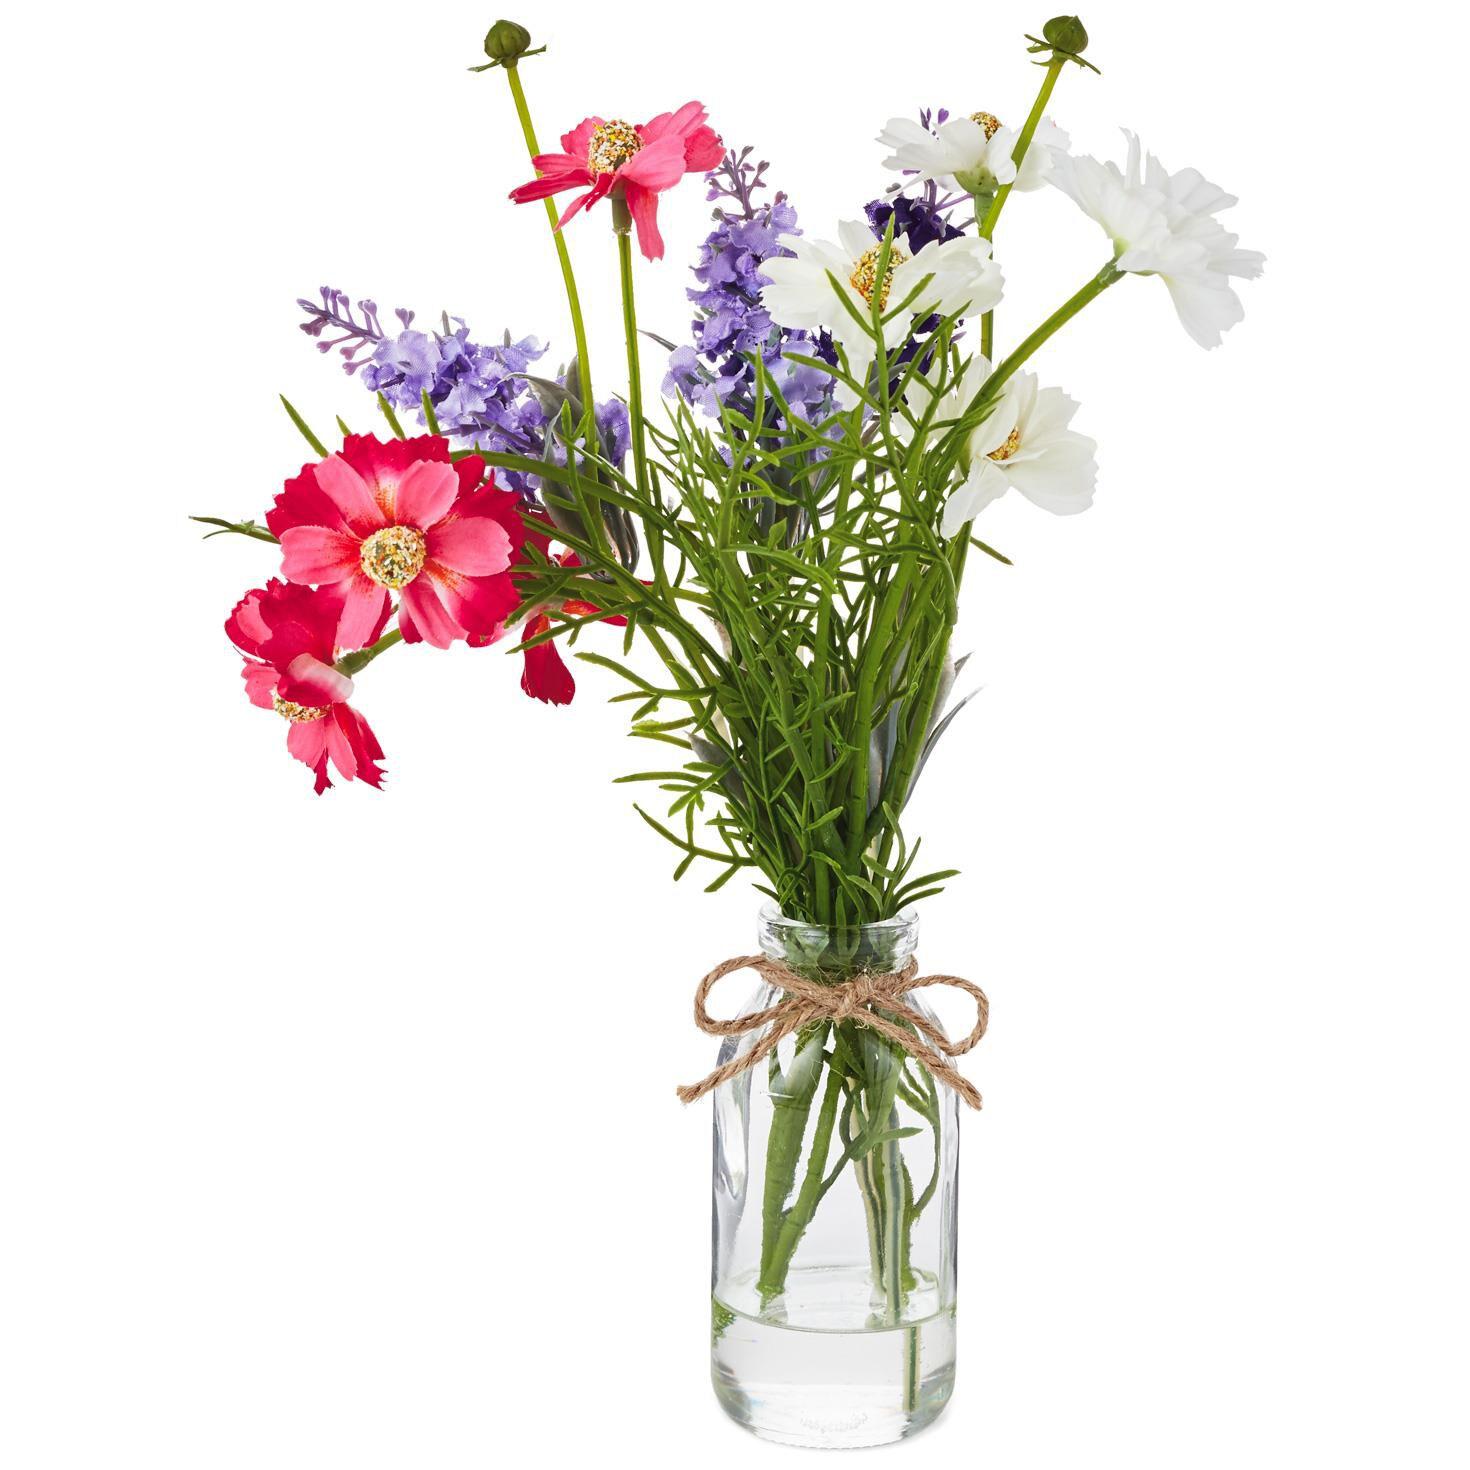 Silk flower arrangement in glass vase 11 decorative accessories silk flower arrangement in glass vase 11 decorative accessories hallmark mightylinksfo